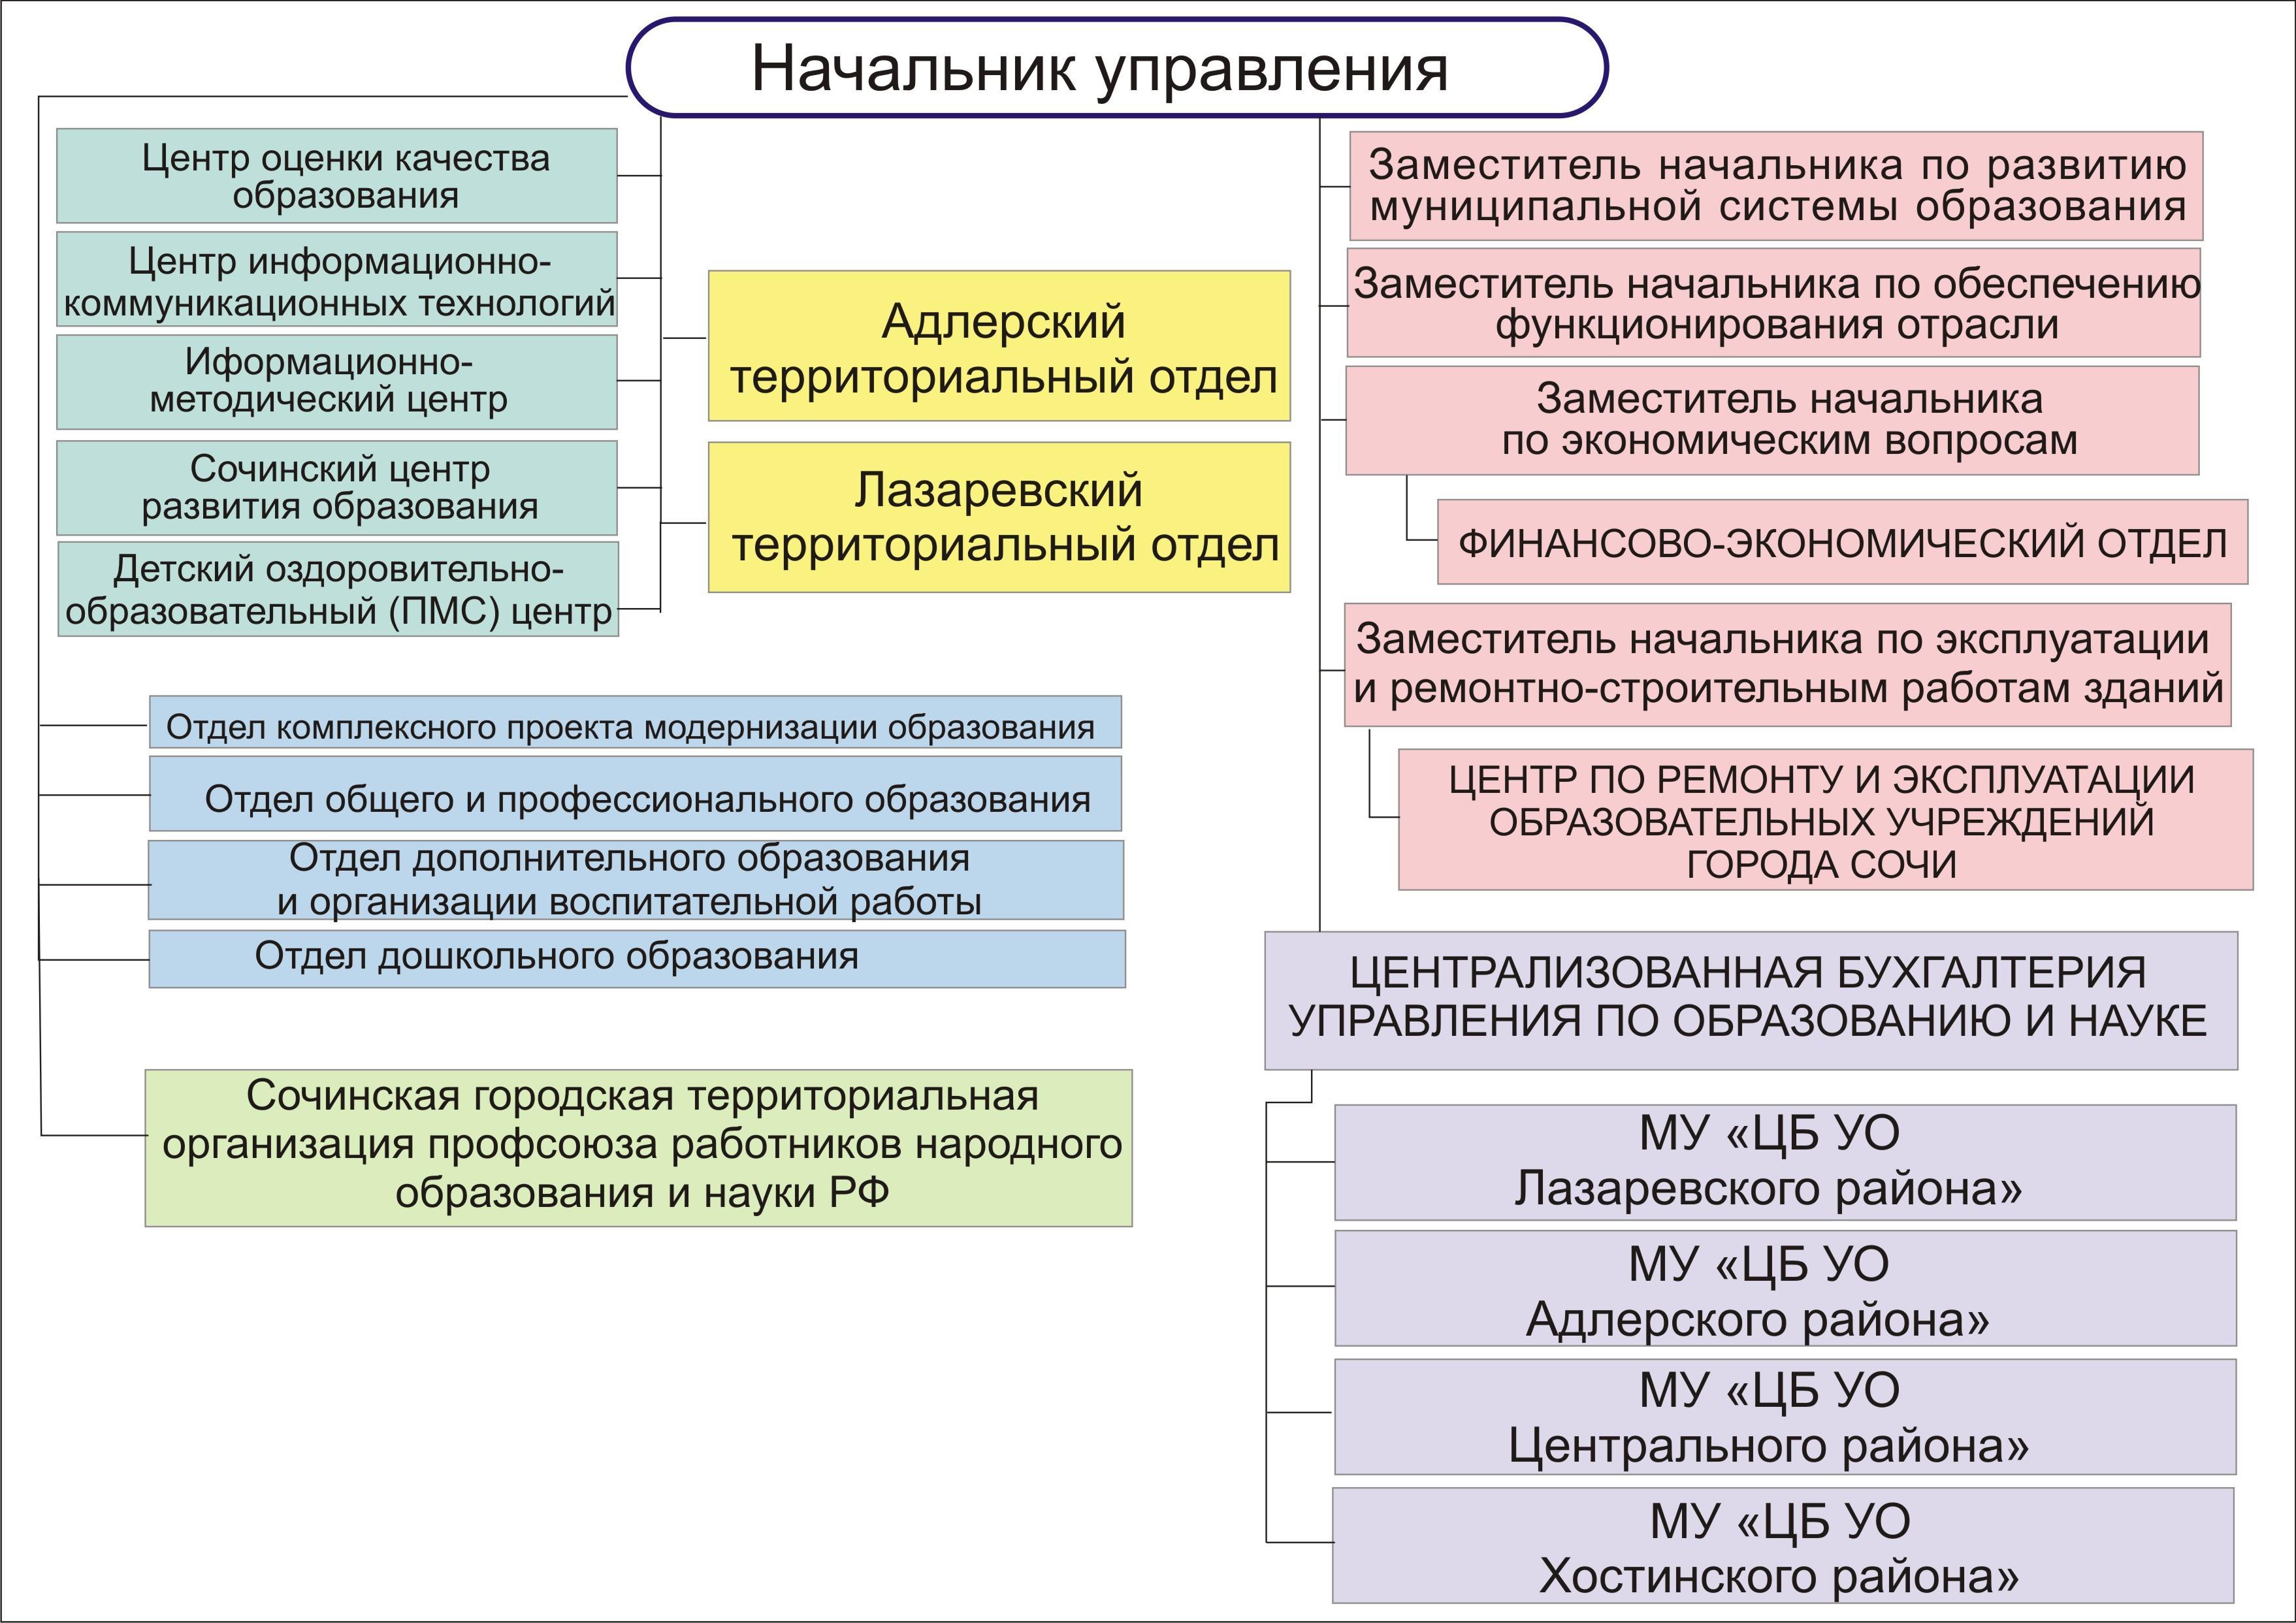 структура управления схема дополнительного образования